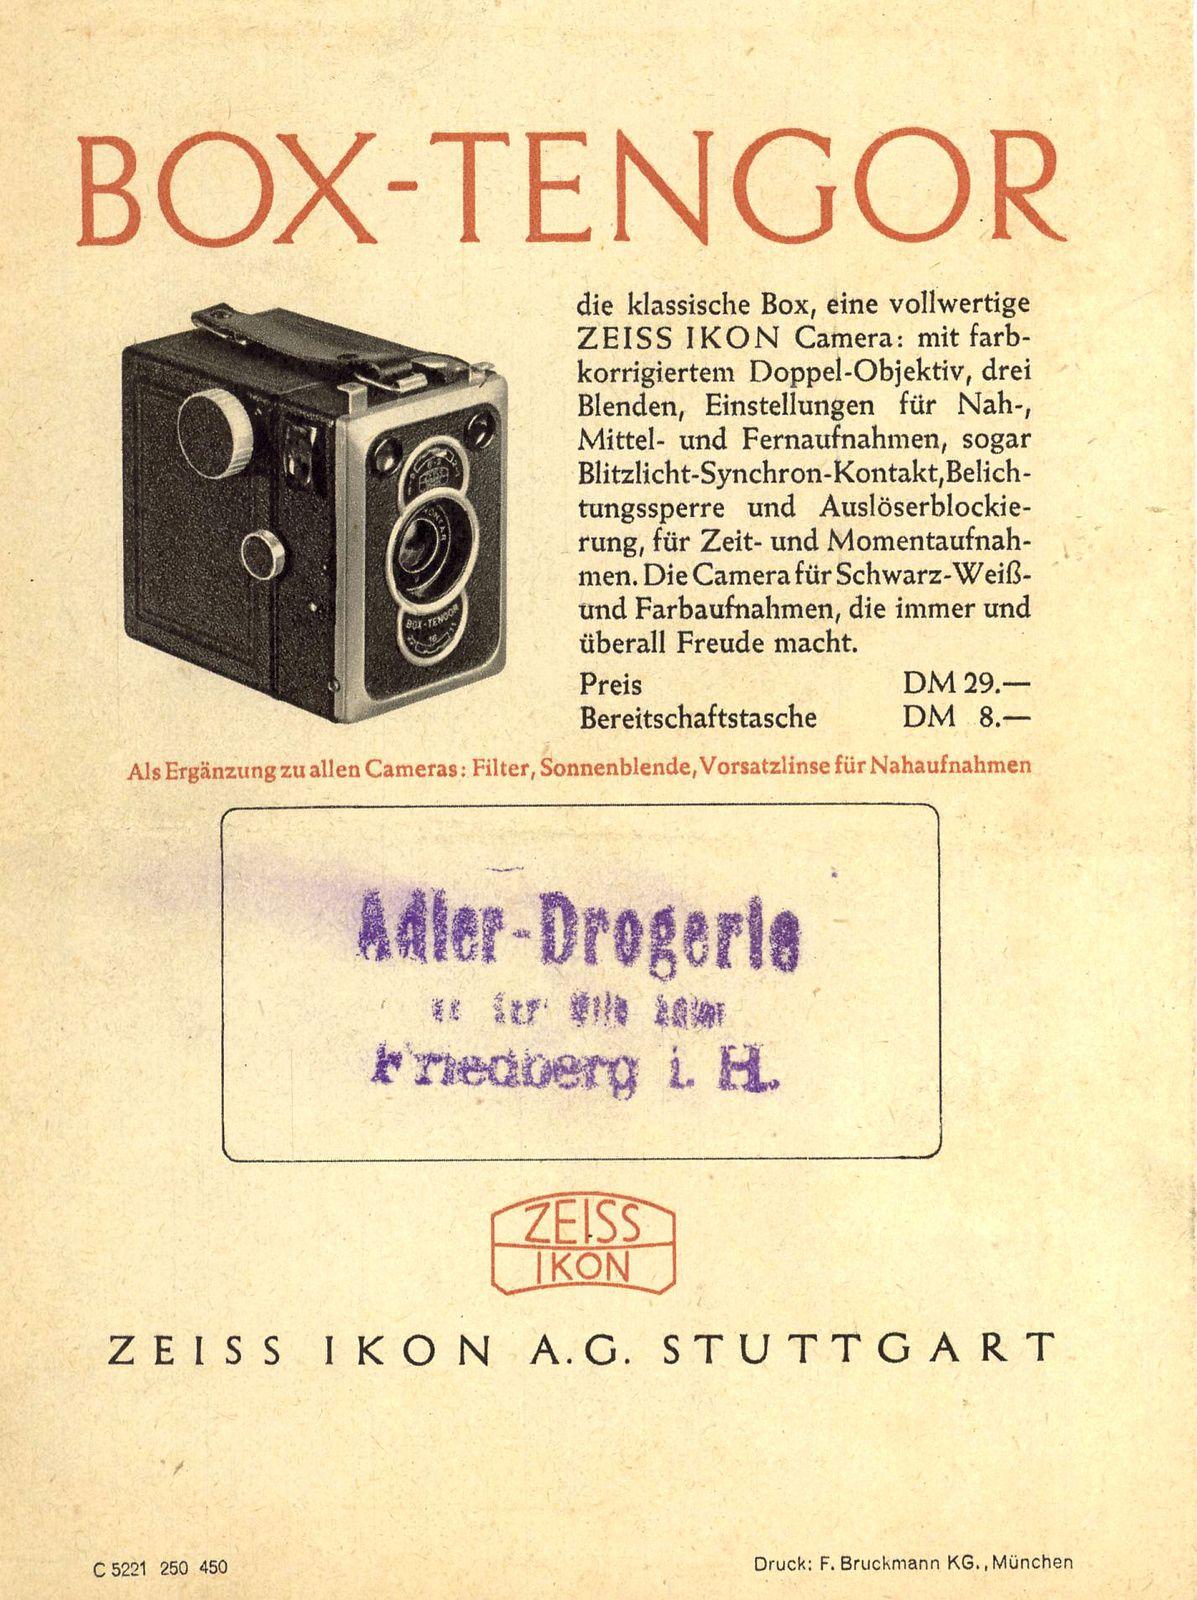 Zeiss-Ikon, Box Tengor : partie 2